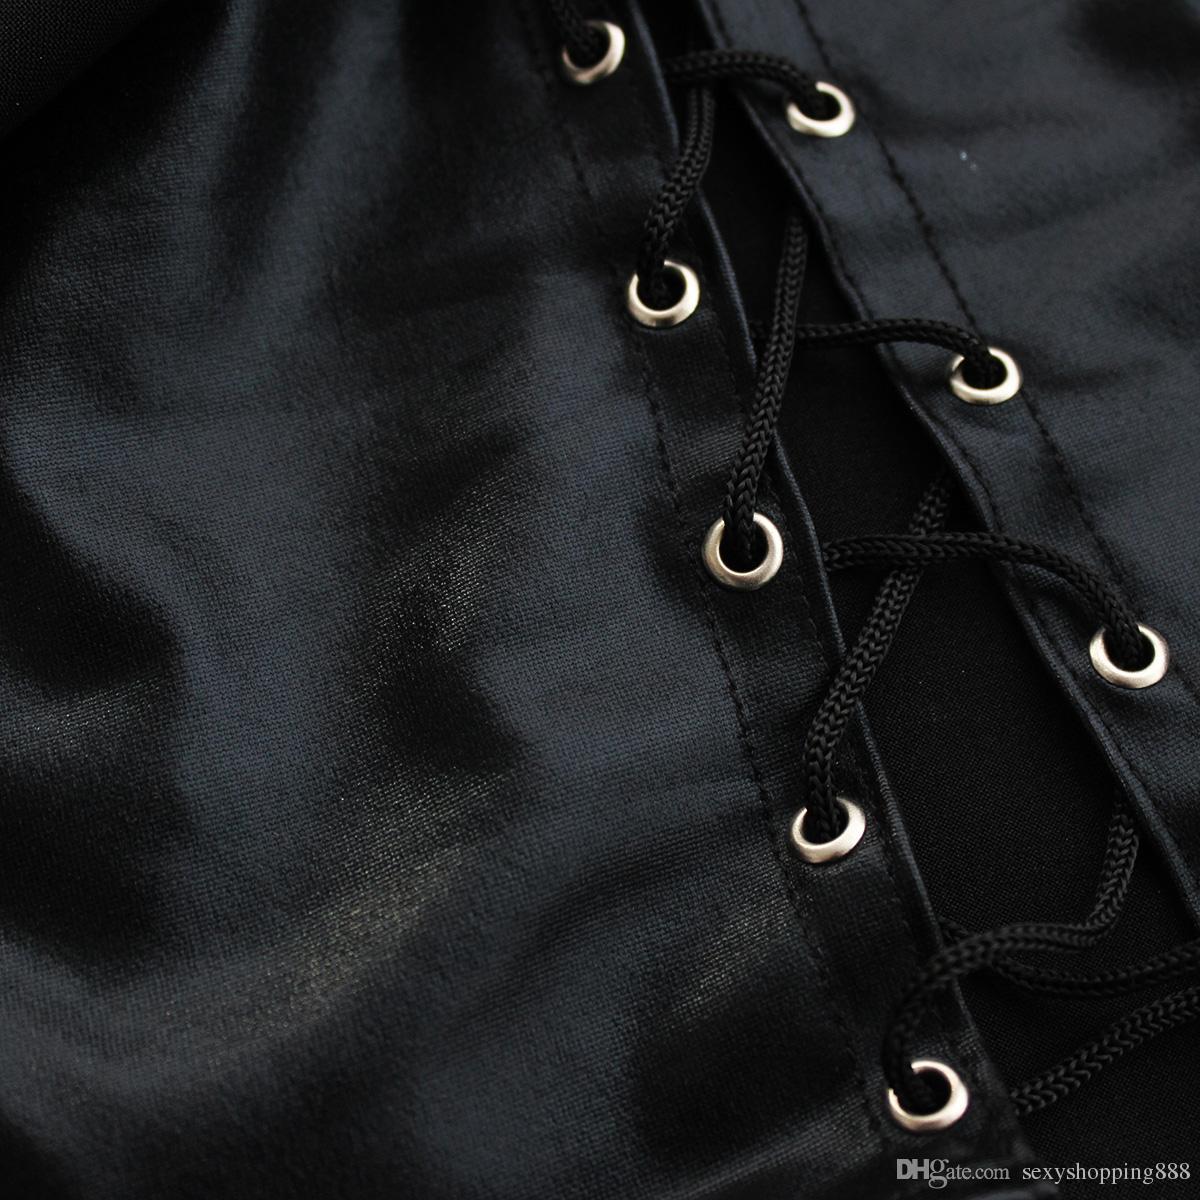 Nounours Sexy Lingerie Pour Femmes En Cuir Verni Jumpsuit Robe Latex Sexuelle Jeu Costumes Lady's Sex Sous-Vêtements Produits de Sexe D'adulte Sex Wear